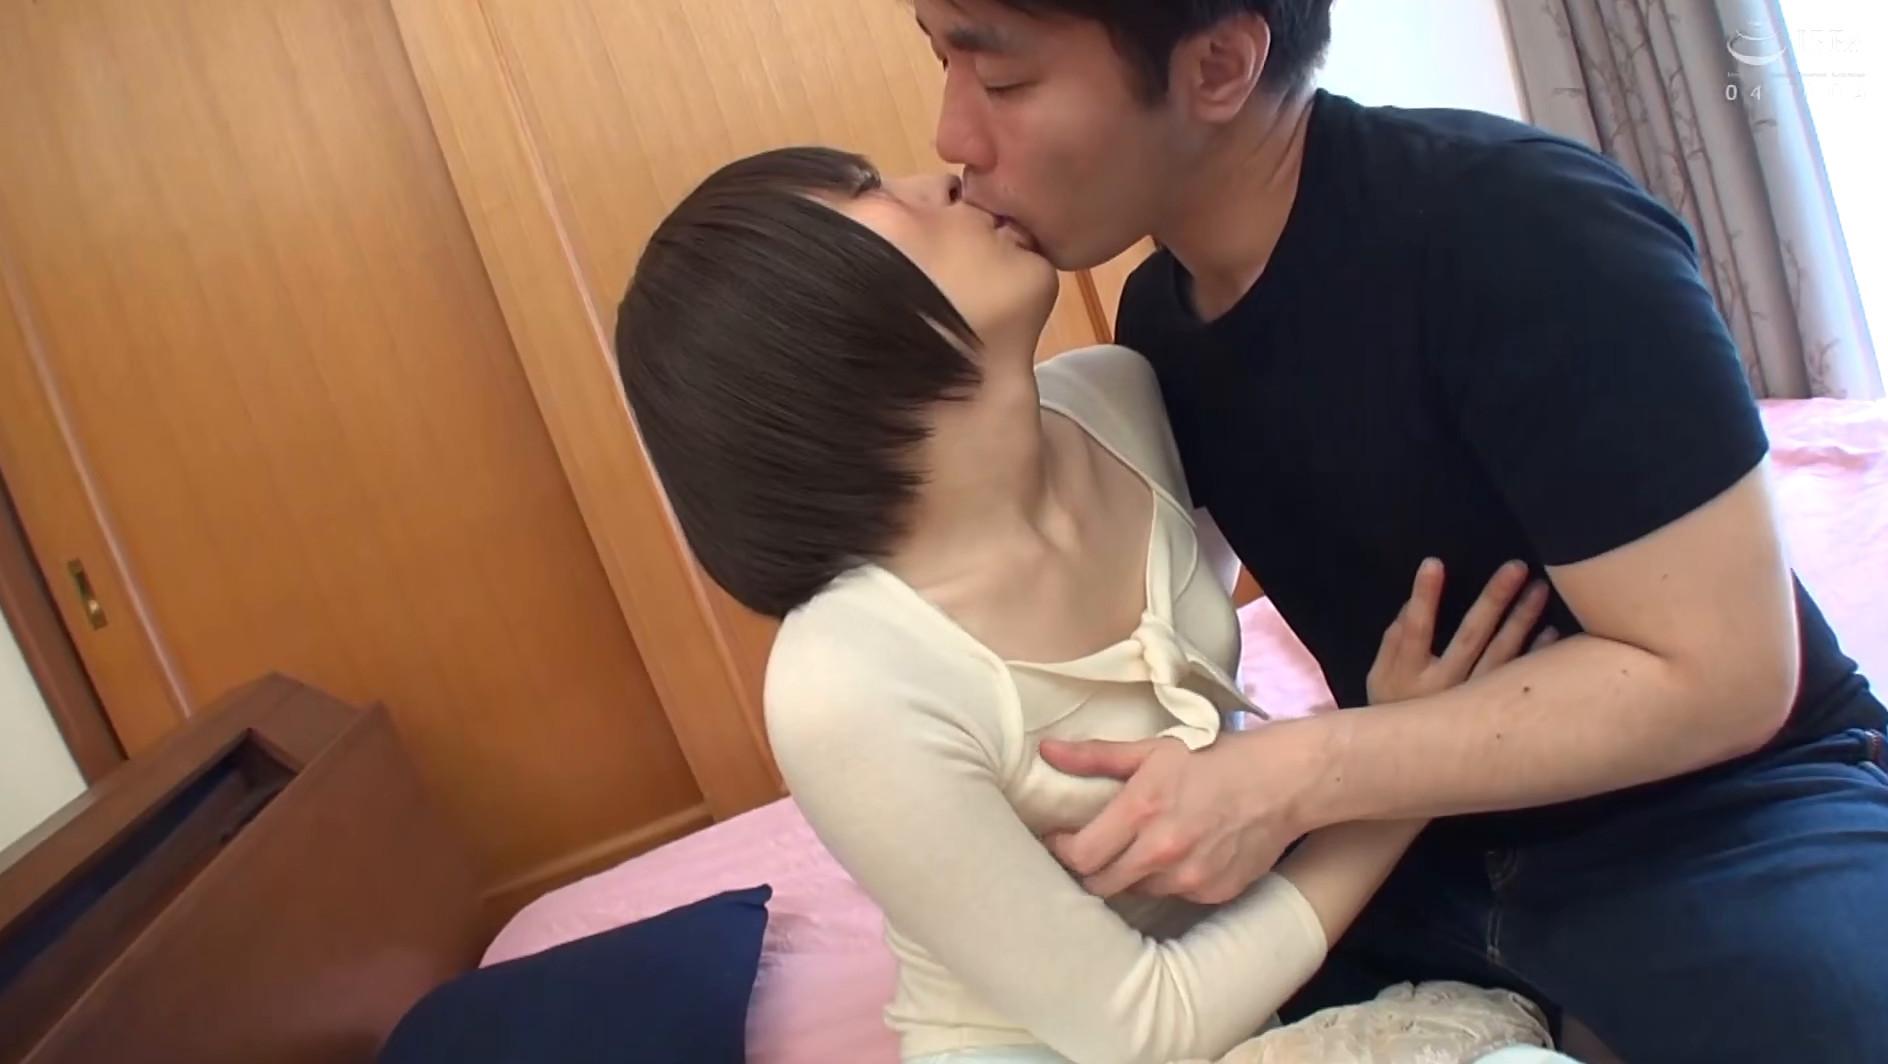 レイ【ナンパした相手はまさかのオトコノ娘!?】 画像1